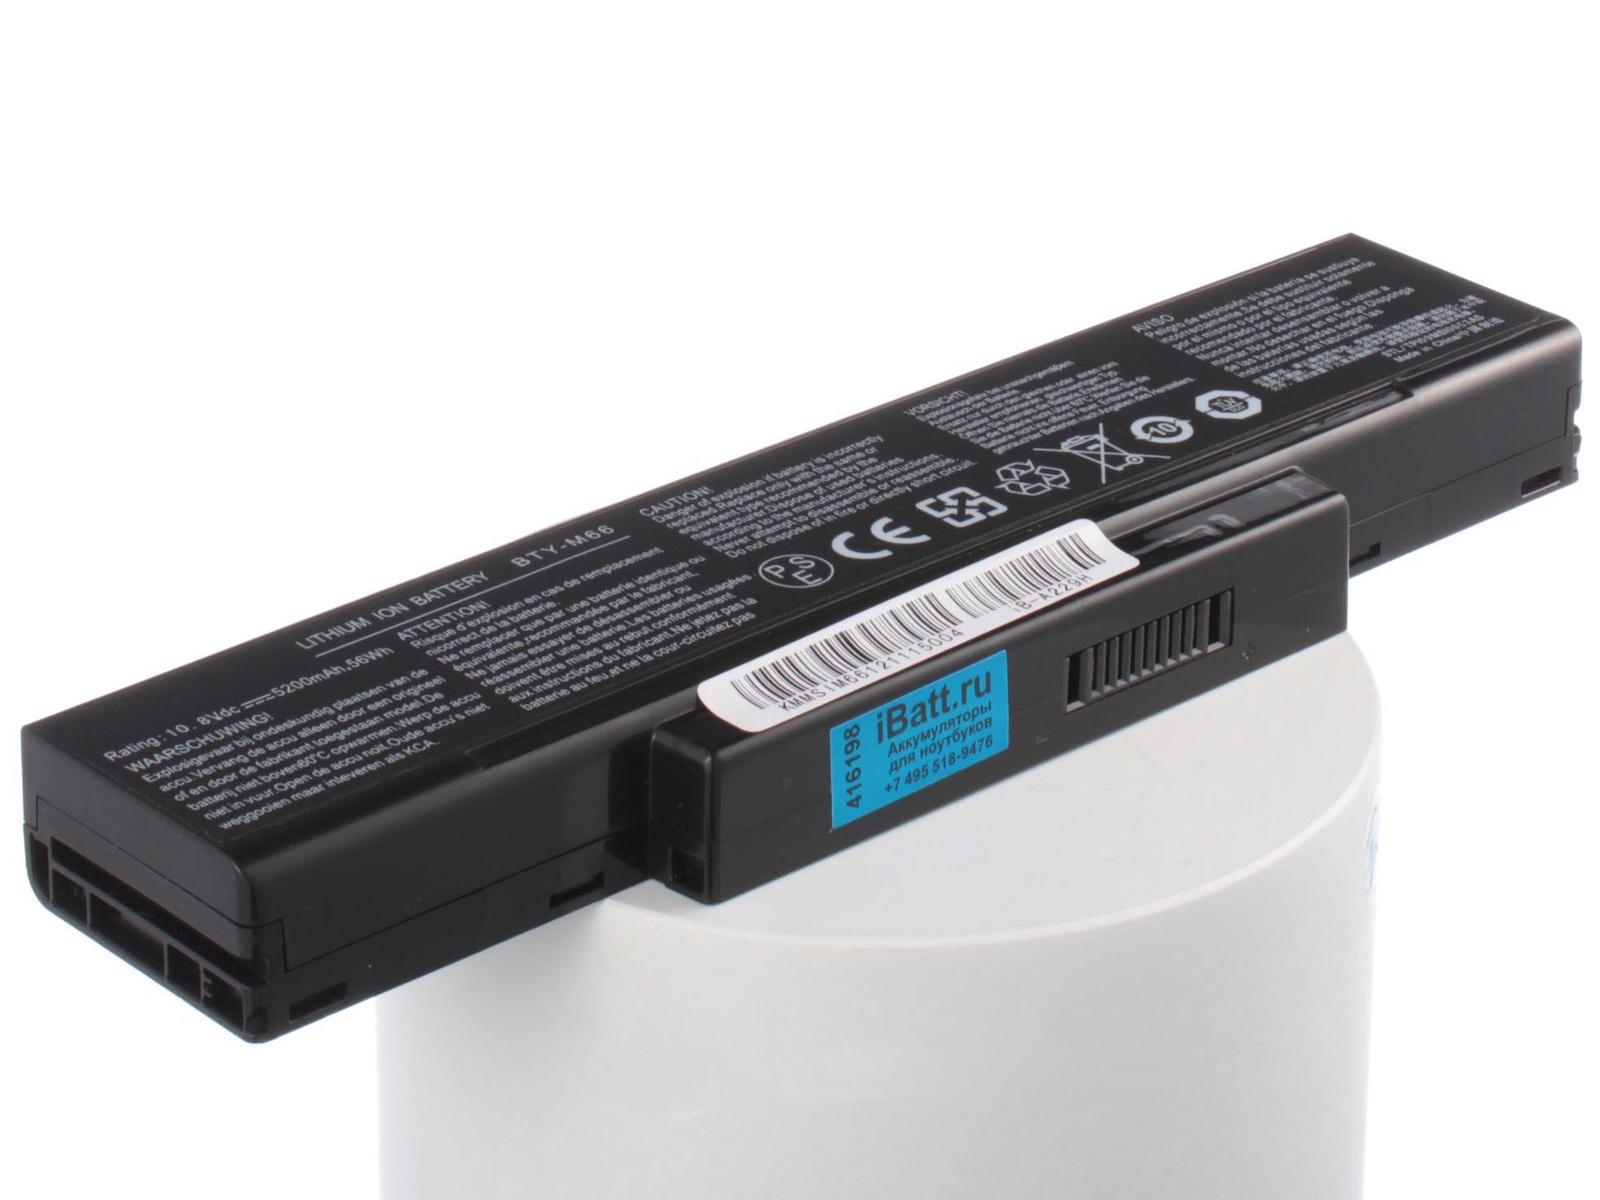 Аккумулятор для ноутбука iBatt для MSI GX400, EX720, GX610, M655, EX620, PR620, VR630, CX420-219, GX720, GT72S 6QF, CX410, CX413, CR460, GT72S 6QD, GE603, GX633, M677, GT72S 6QD Dominator G, M673, GT735, EX623, EX460X